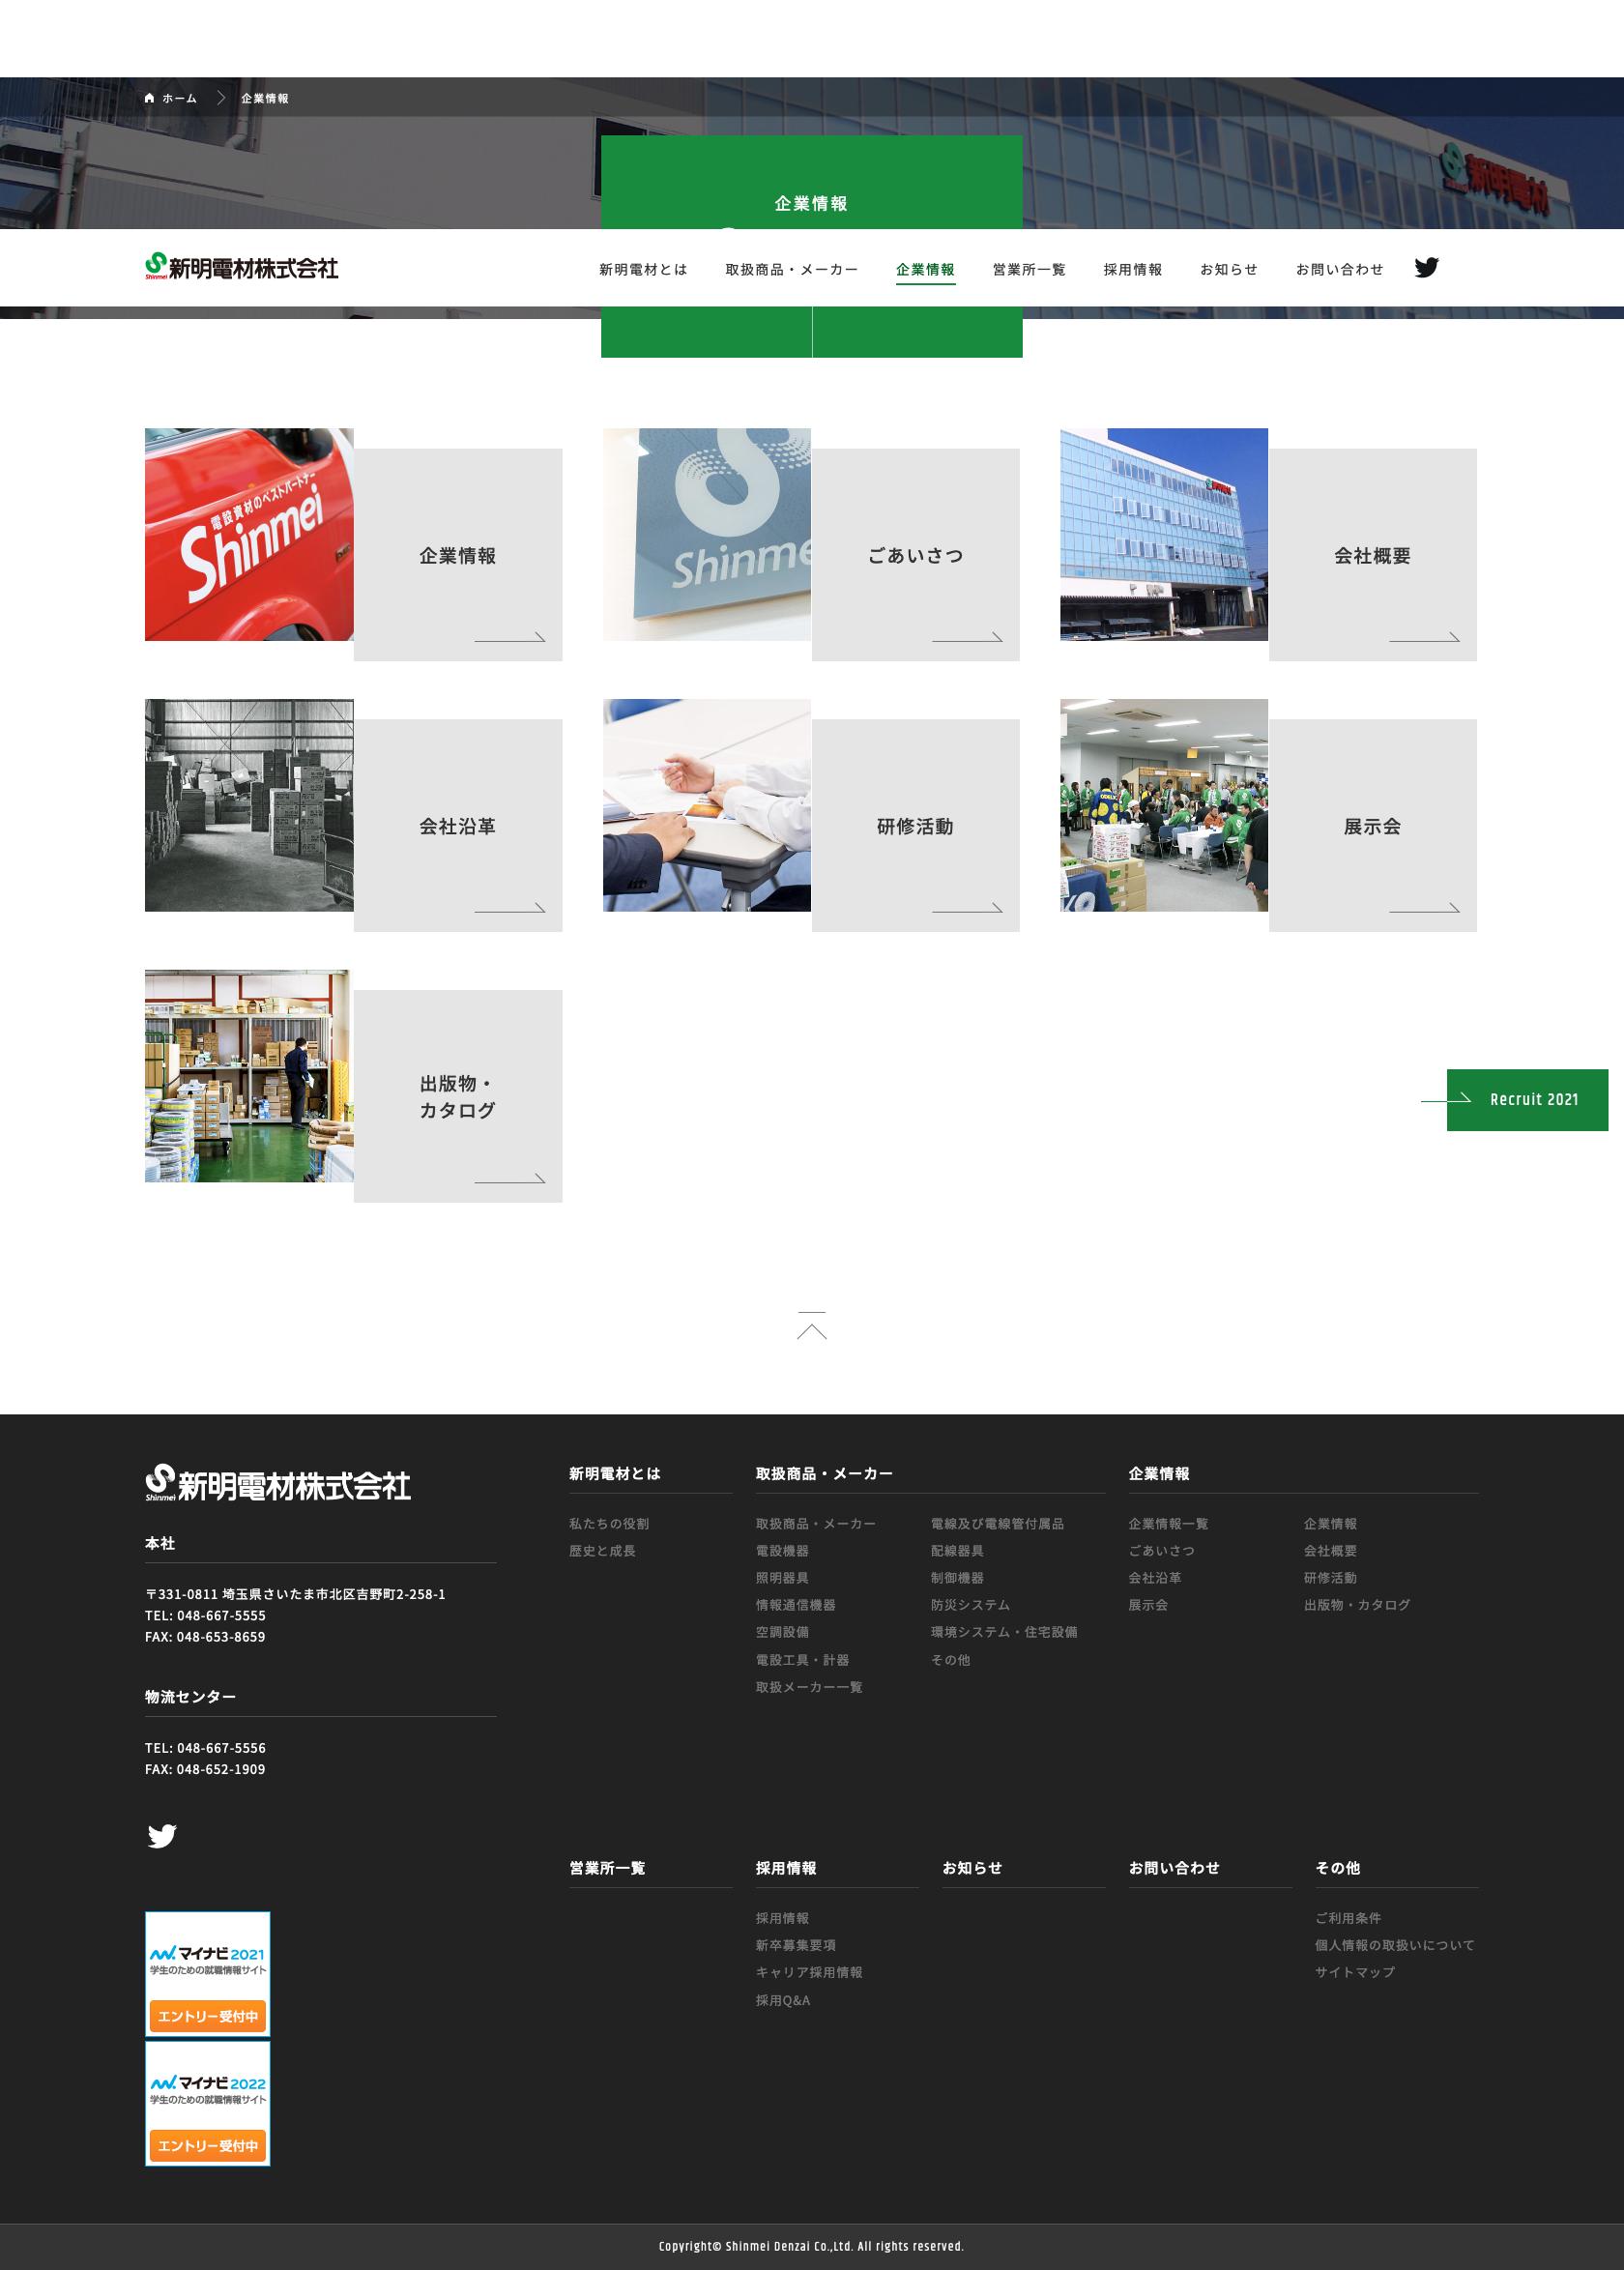 下層ページの見せ方 おしゃれまとめの人気アイデア Pinterest Yui 2020 さいたま 企業 株式会社